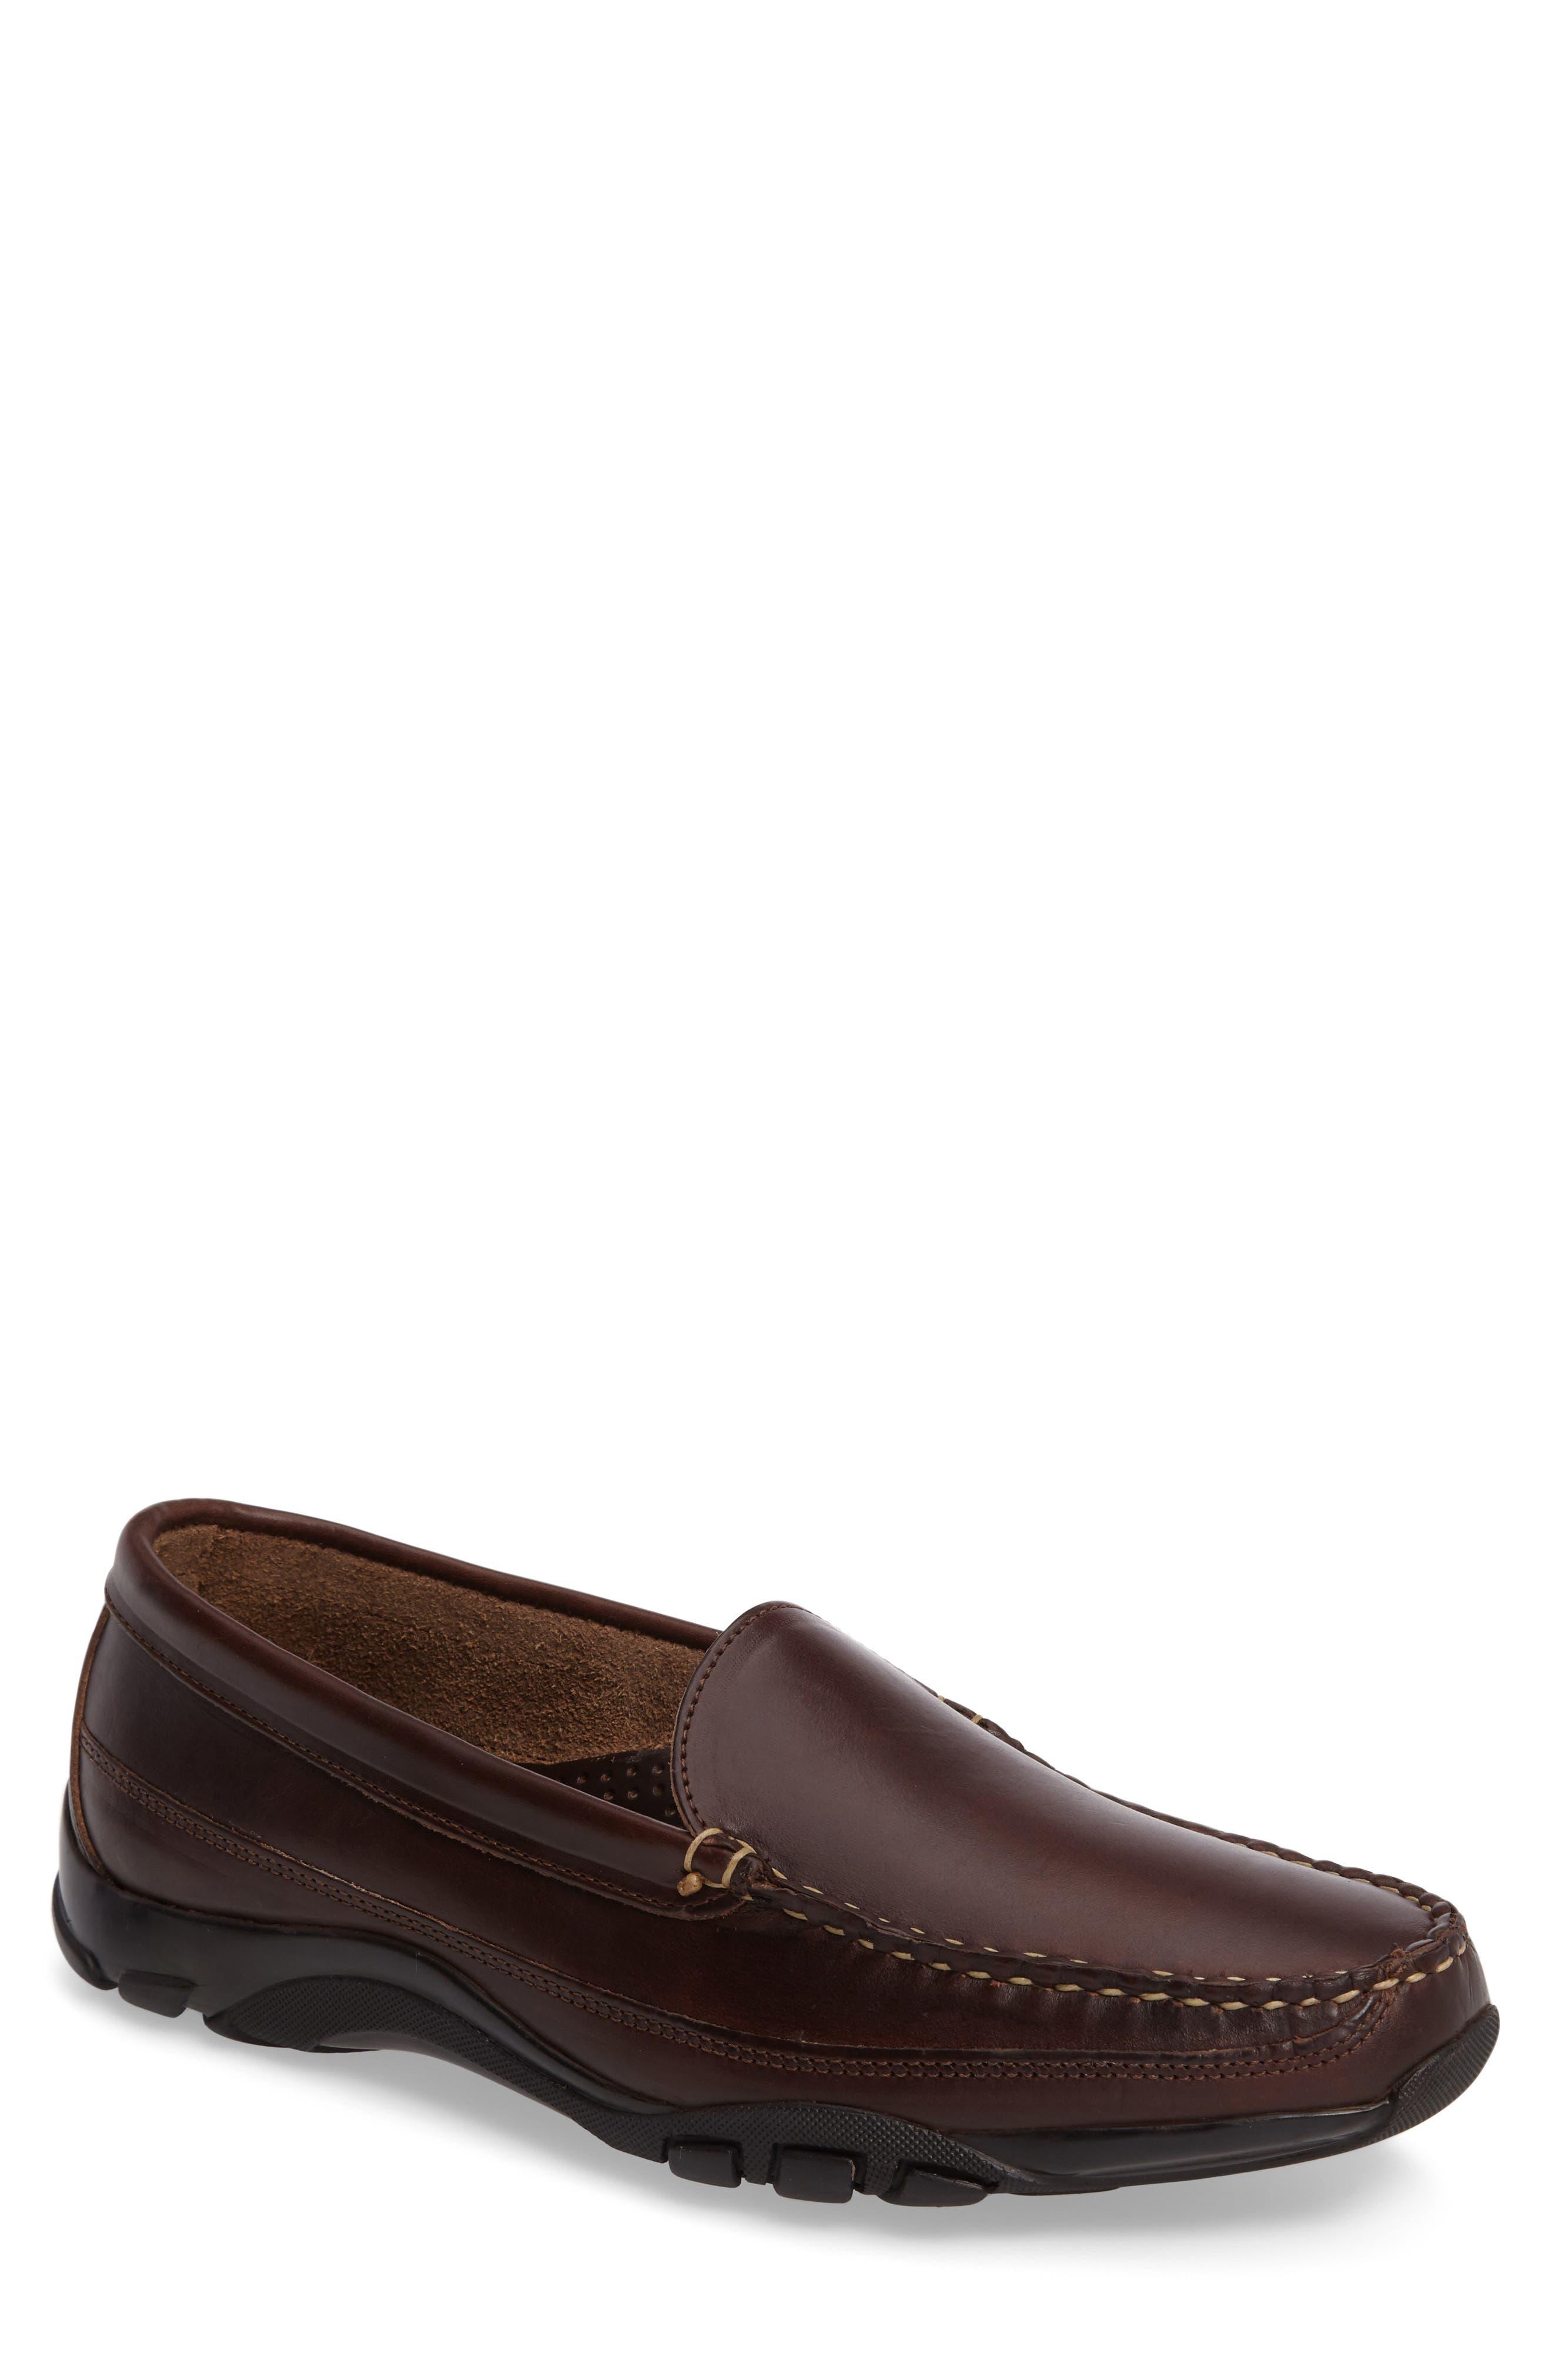 'Boulder' Driving Loafer,                         Main,                         color, Brown